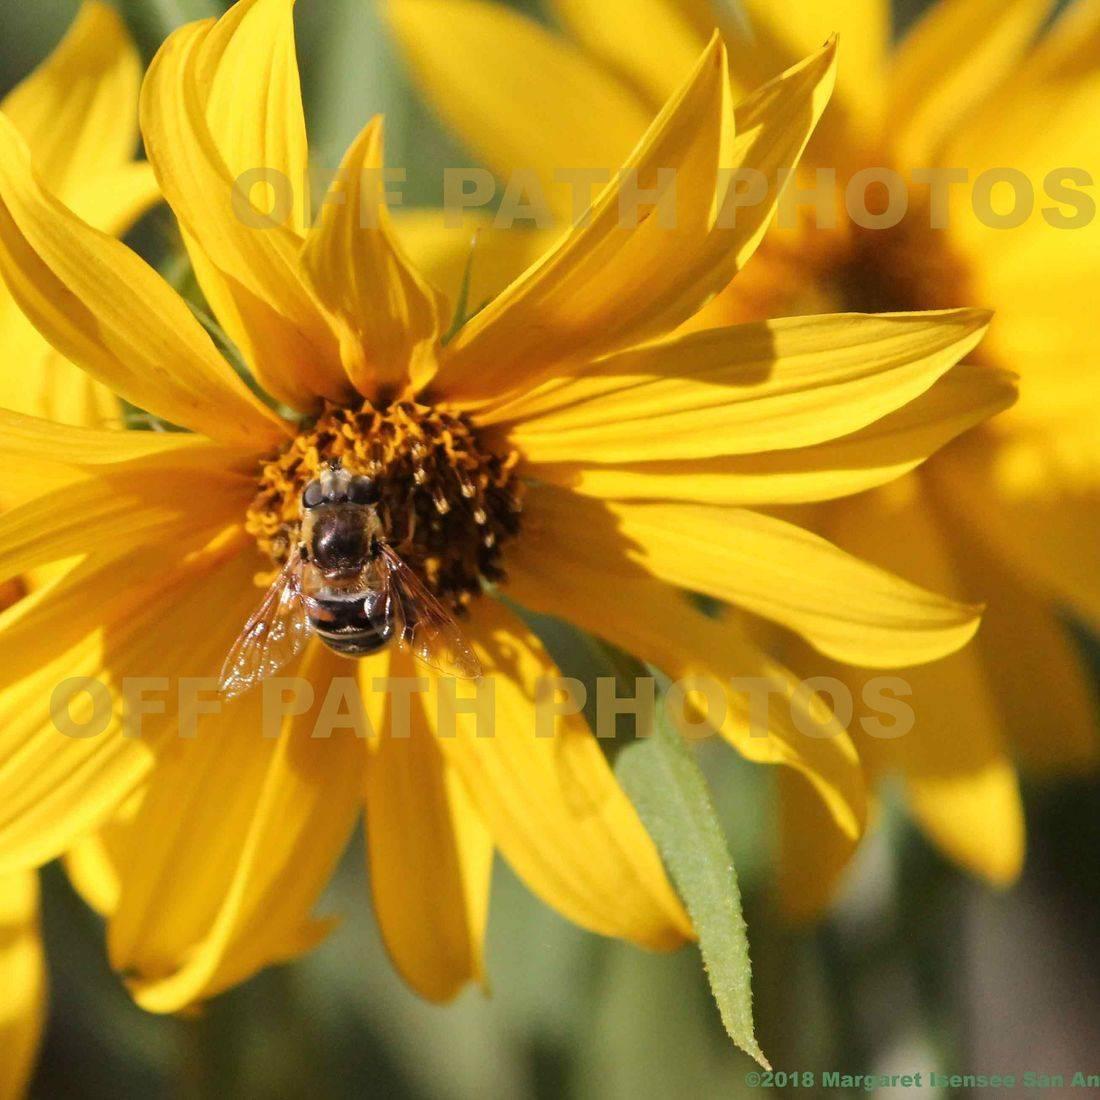 photography, sun flower, bee, nature, plants, summer, honey, relax, green